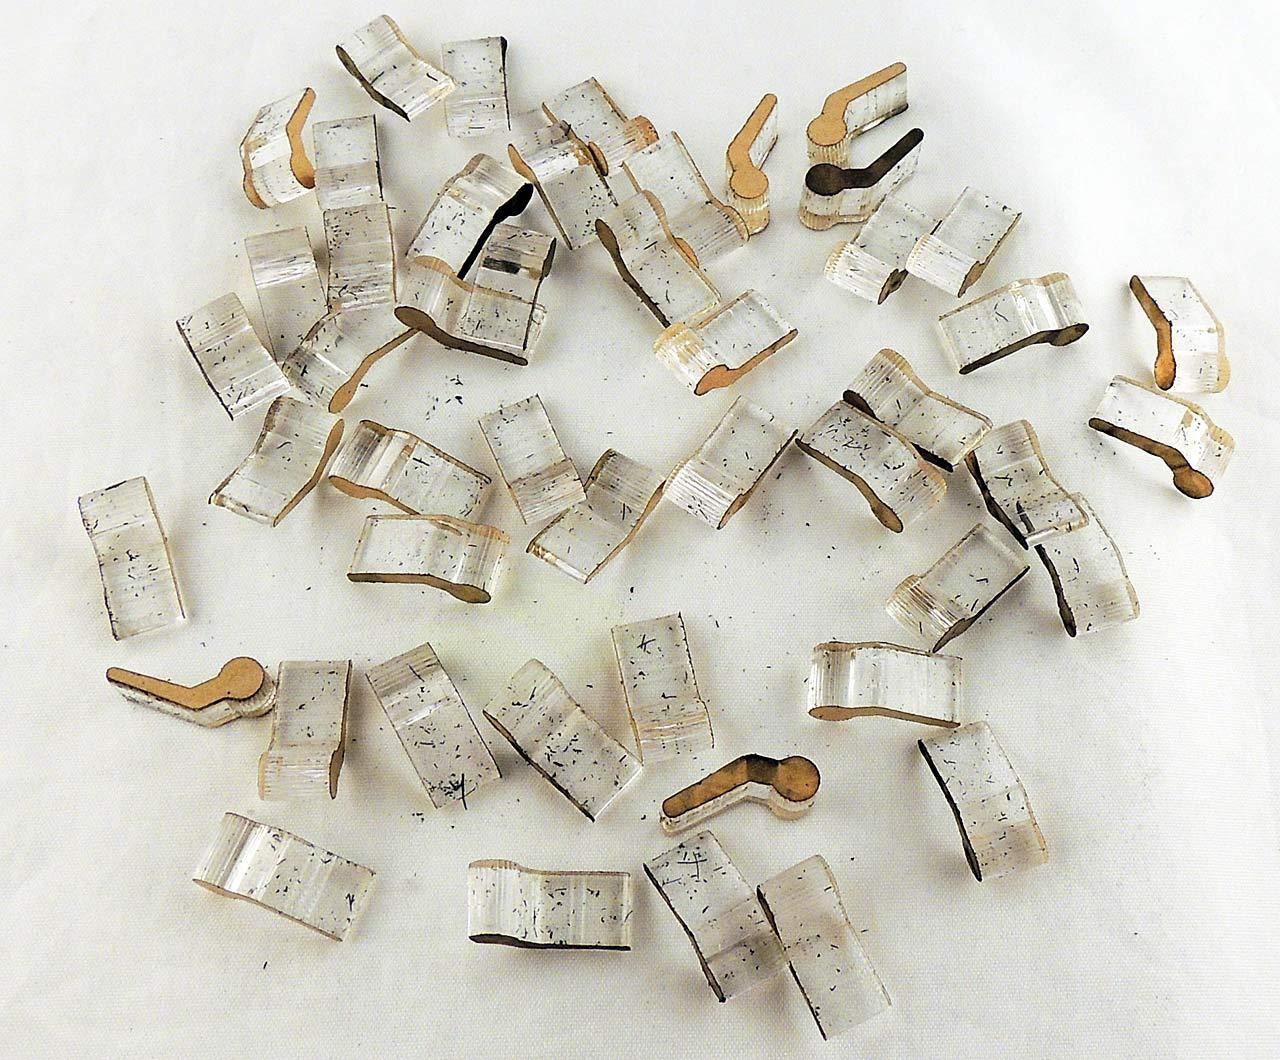 04-hardware-case-mount-pins-0.jpg